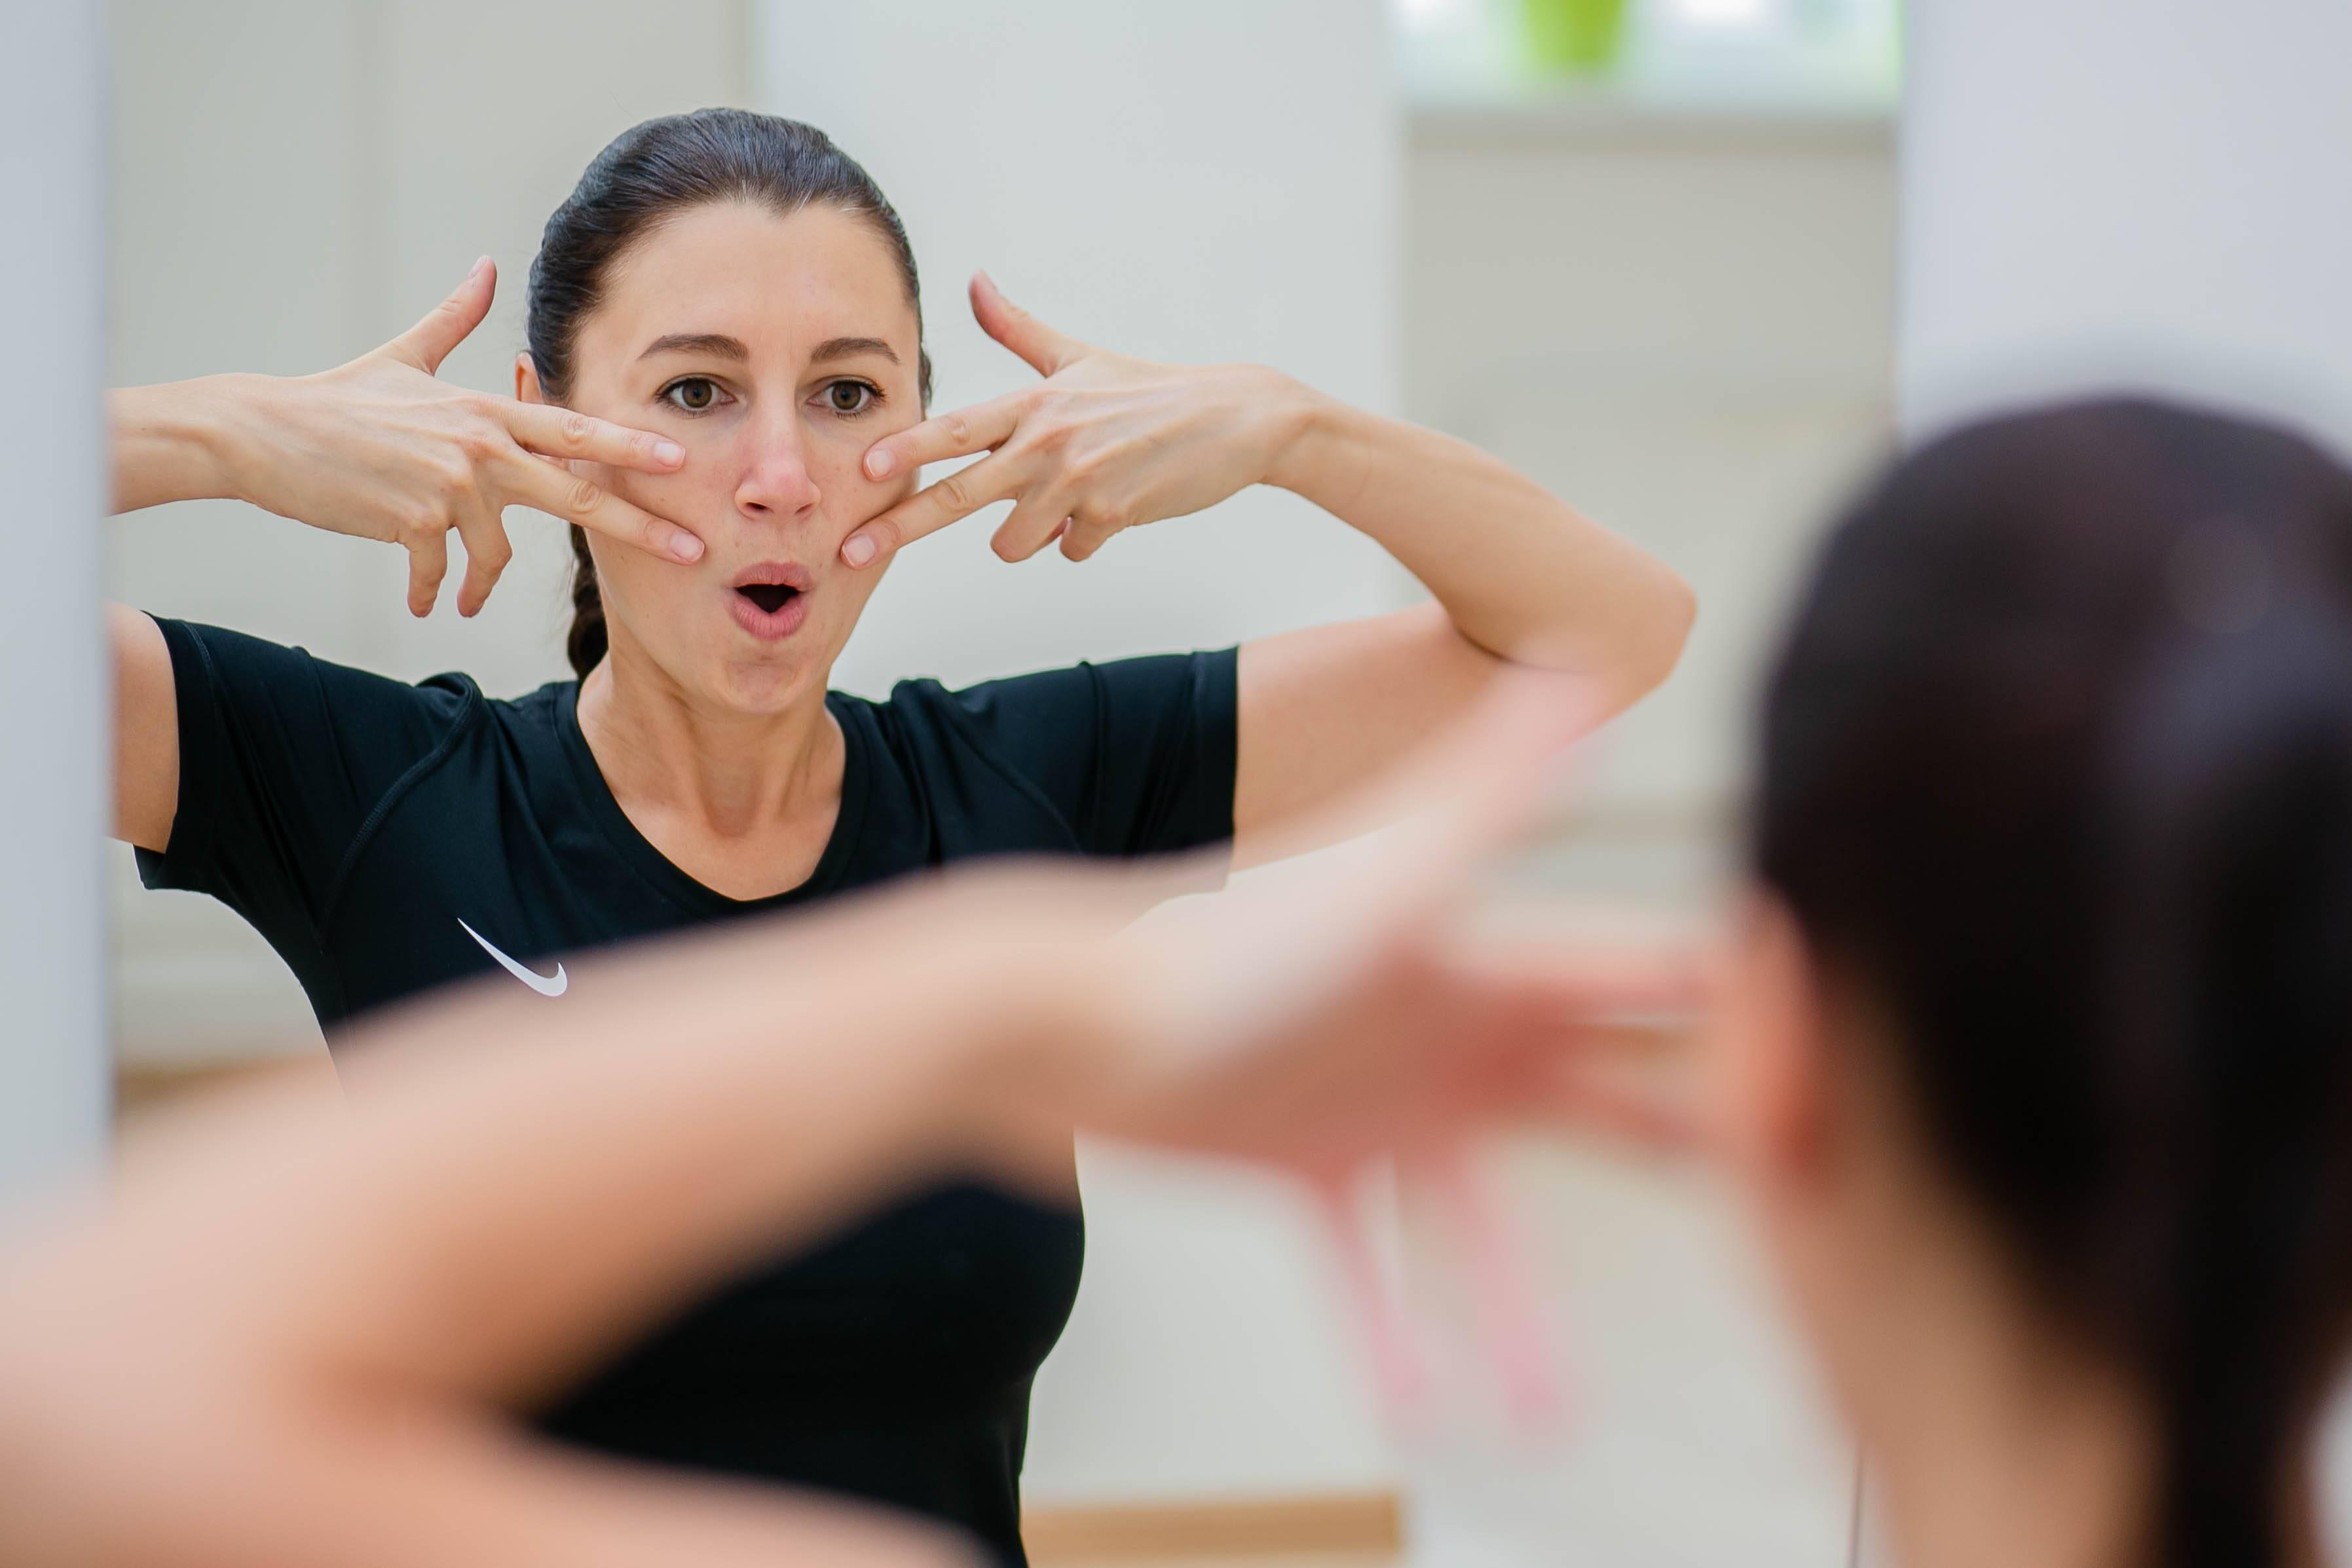 Йога для лица: 6 упражнений помогут выглядеть как после процедур лифтинга   vivavita